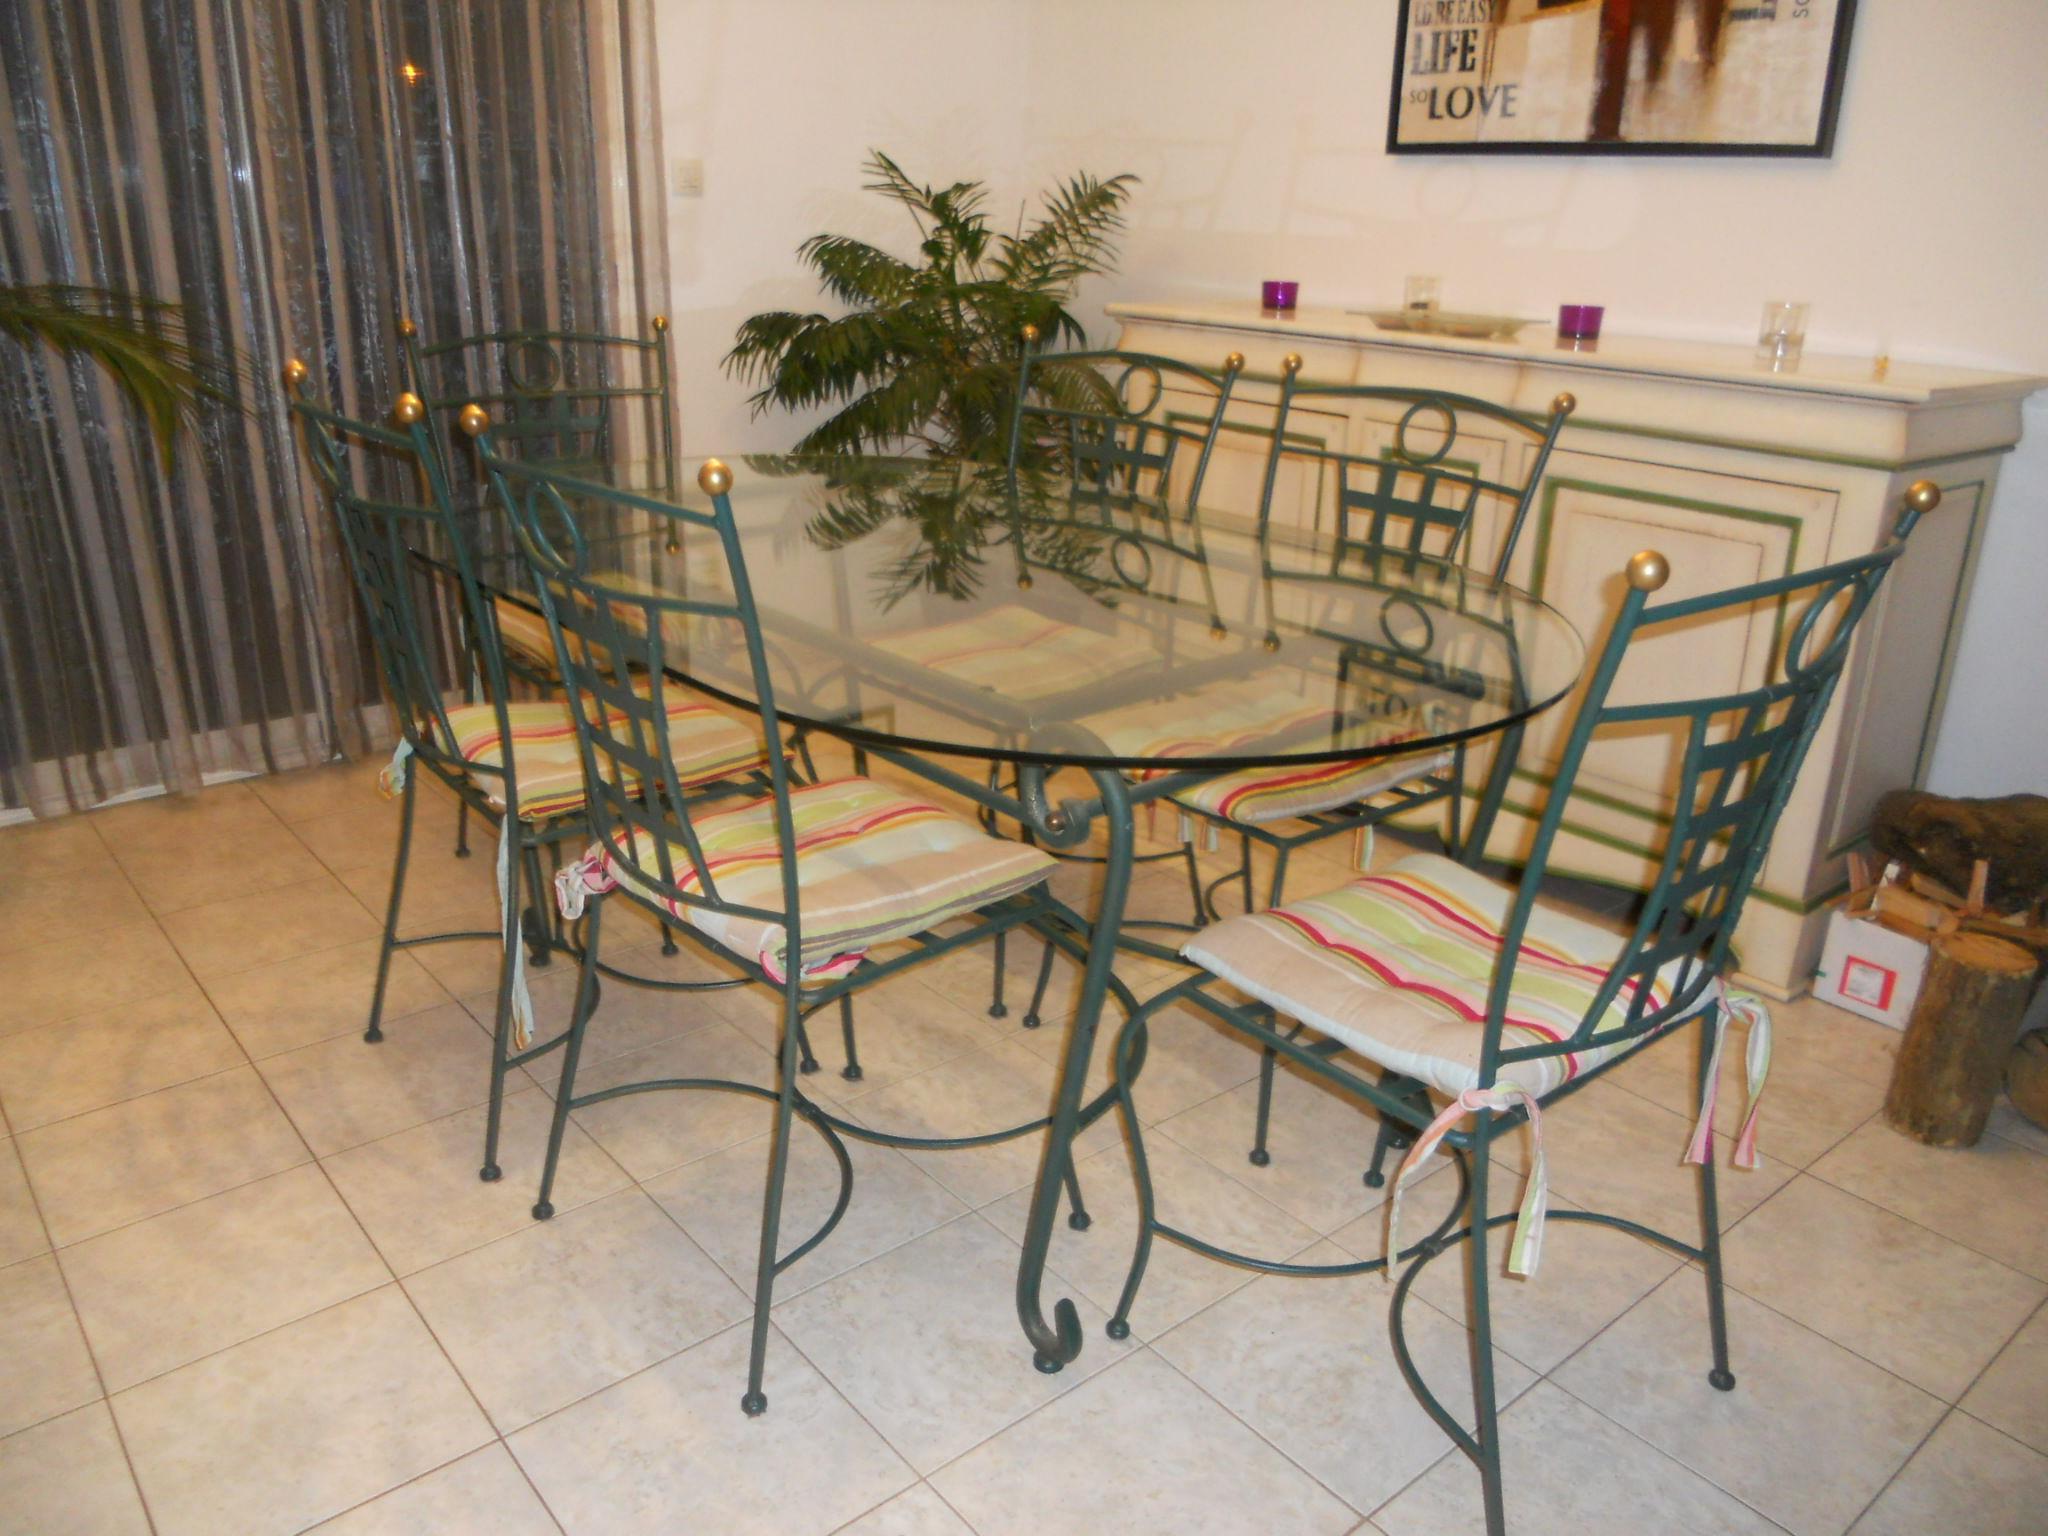 Achetez salle manger en occasion annonce vente for Table et chaise de salle a manger en fer forge